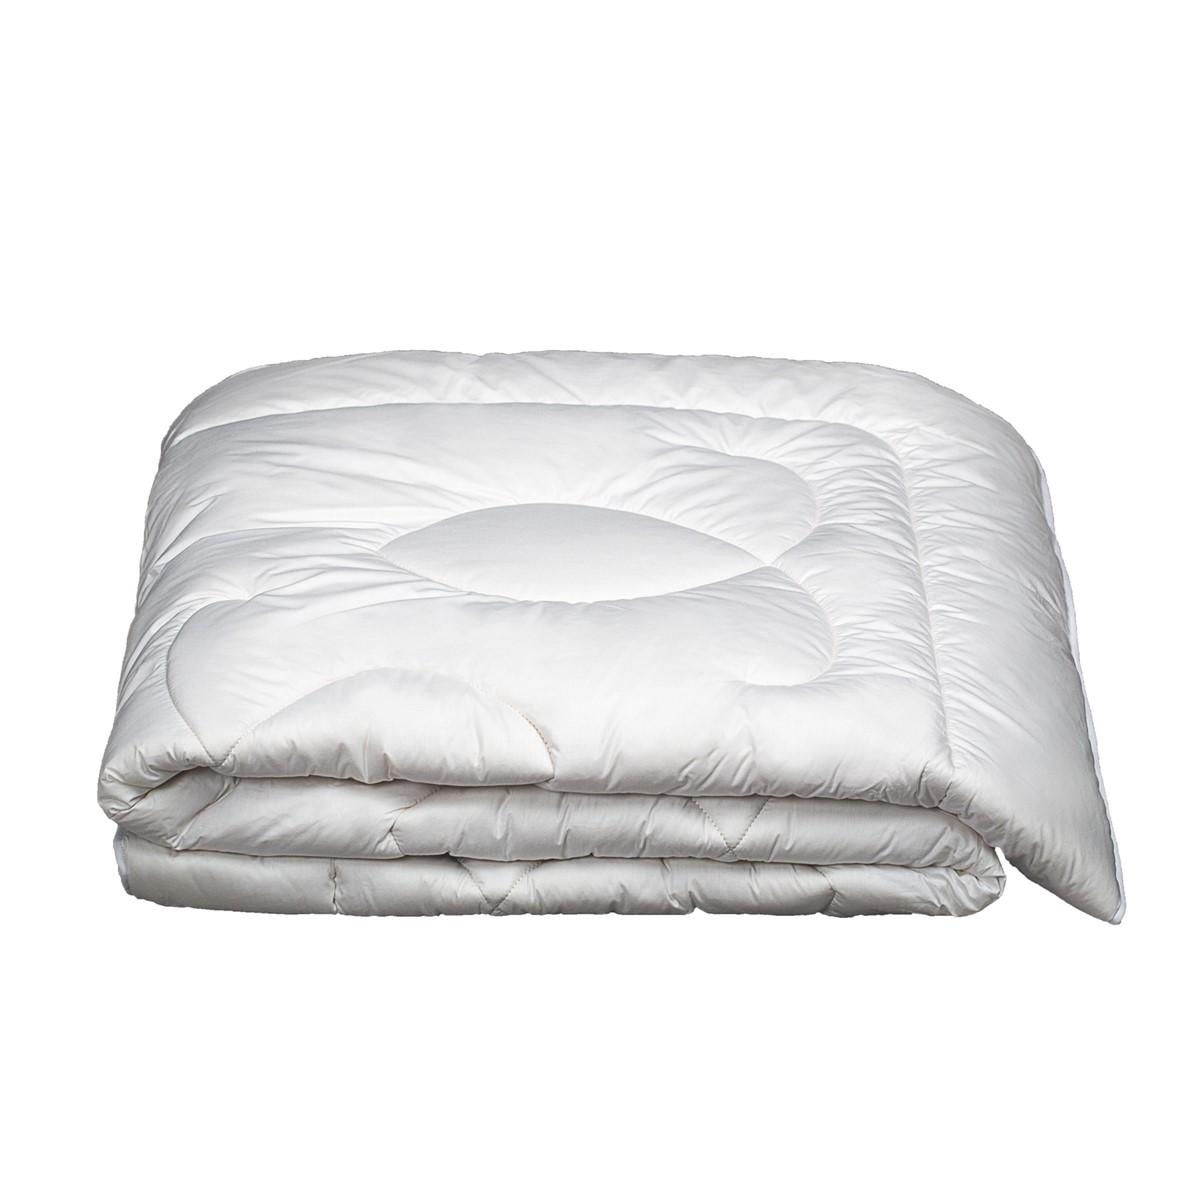 Couette Chaude Naturel en Laine Très chaud Blanc 200x200 cm